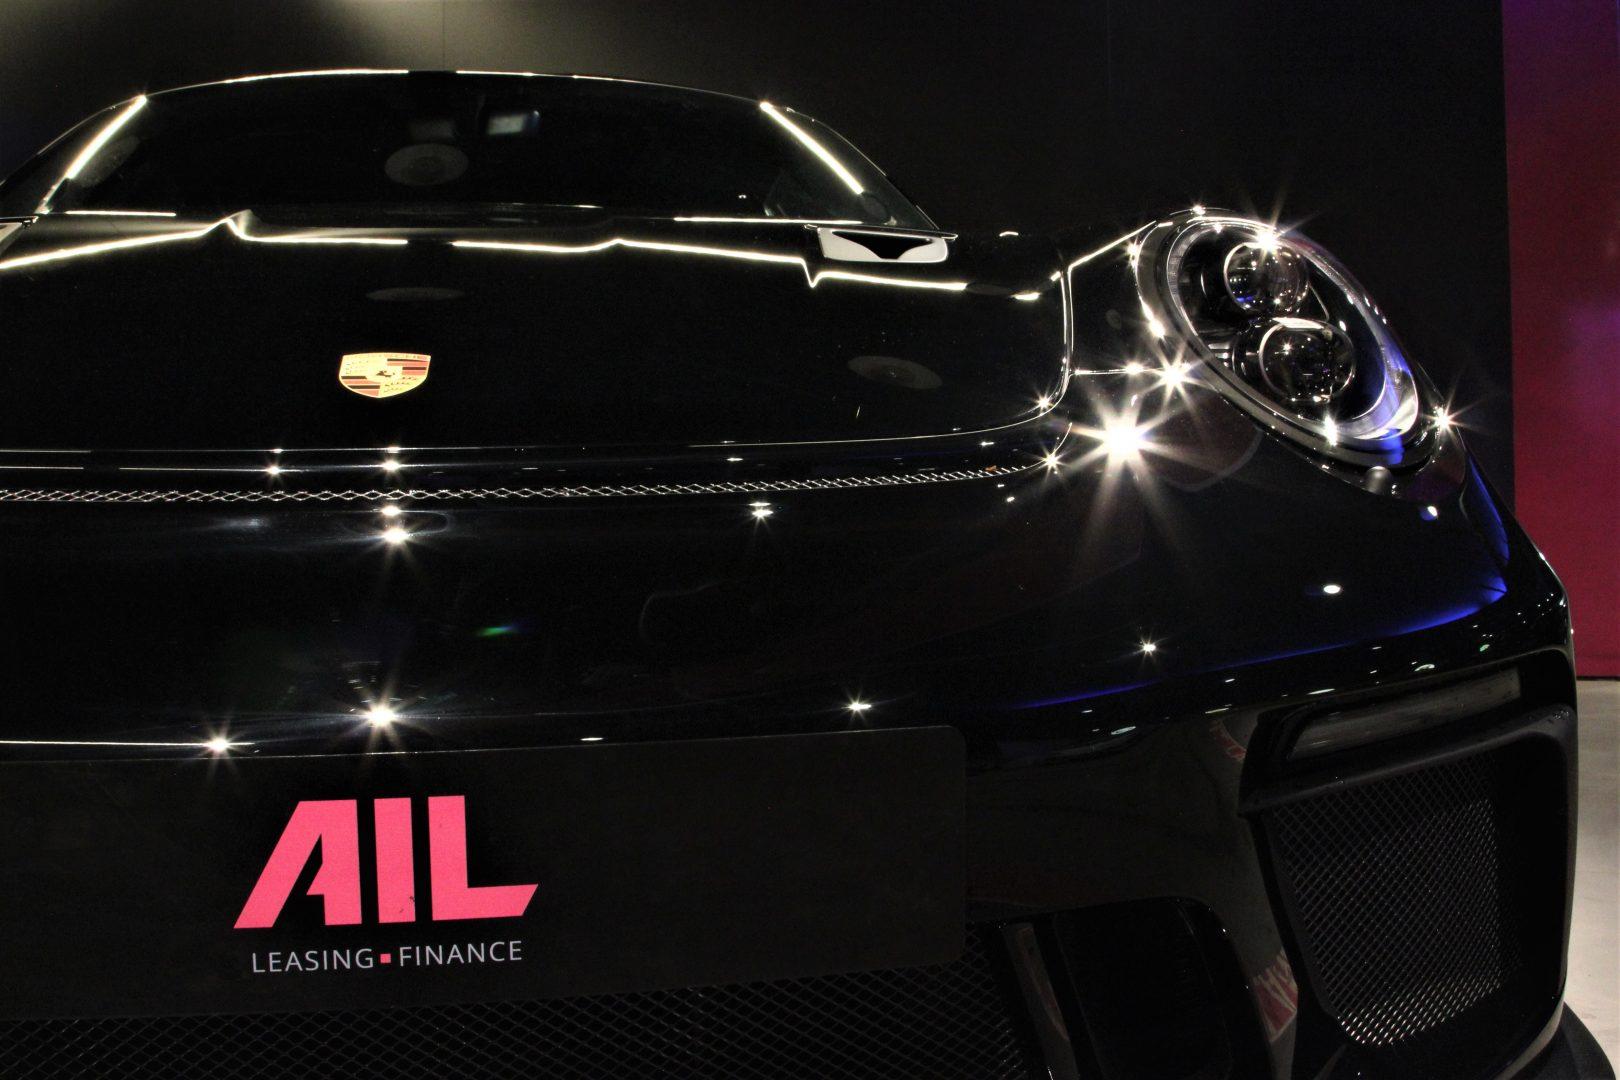 AIL Porsche 991 GT3 RS 4.0 Facelift LED 11